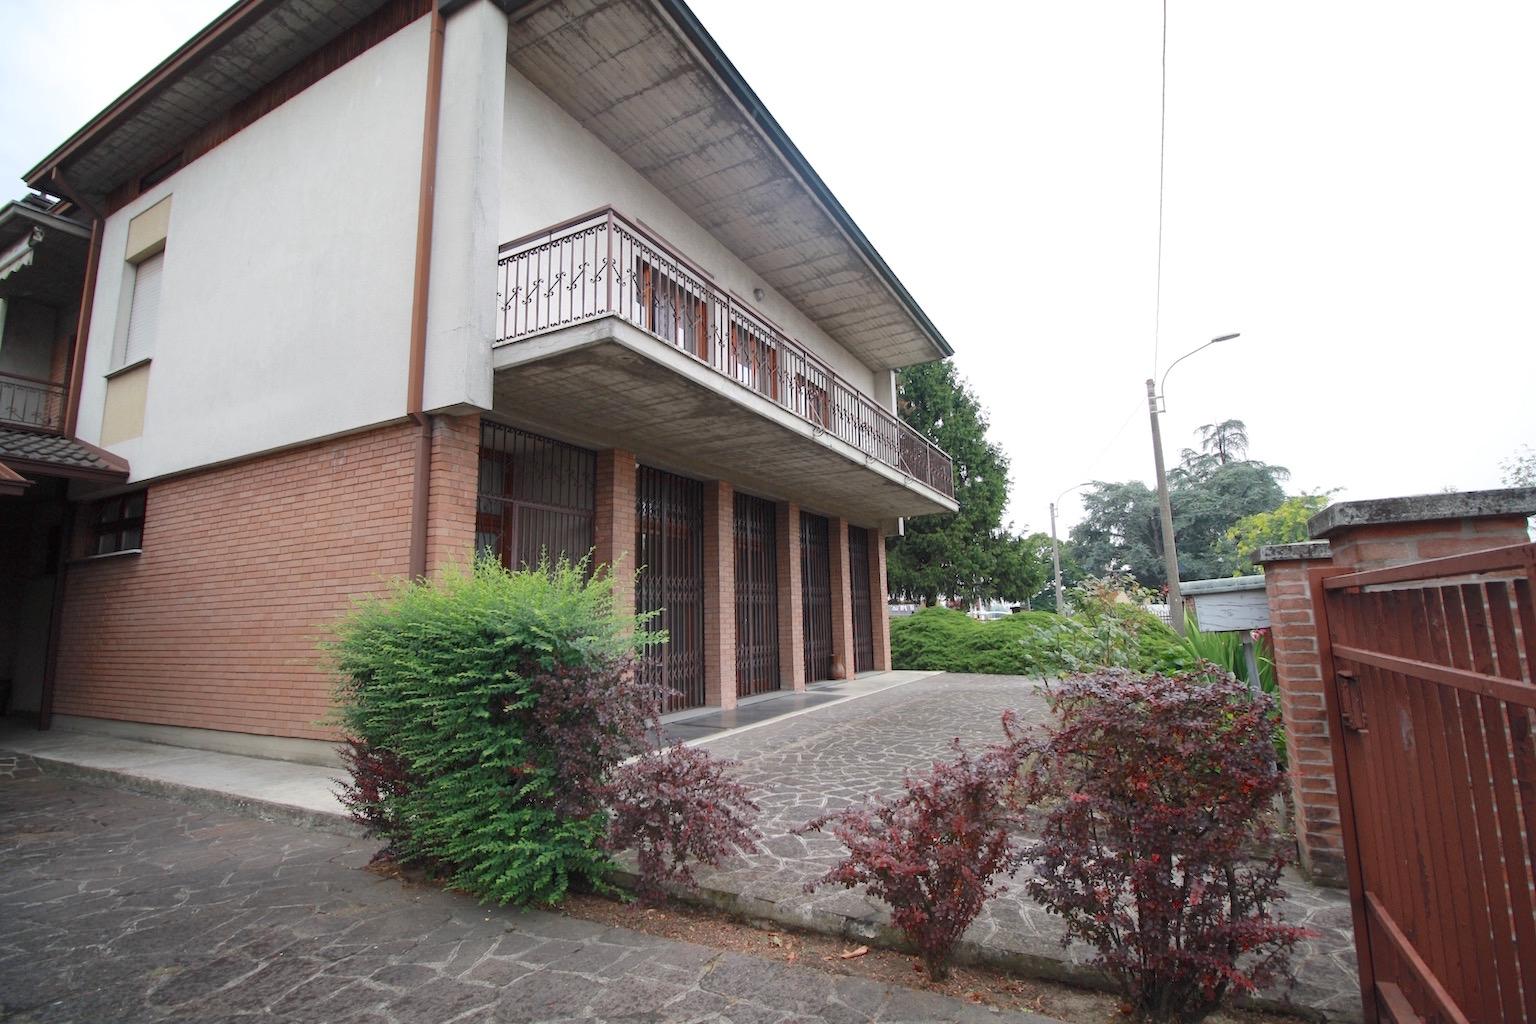 Attico / Mansarda in affitto a Sant'Ilario d'Enza, 7 locali, prezzo € 750 | CambioCasa.it